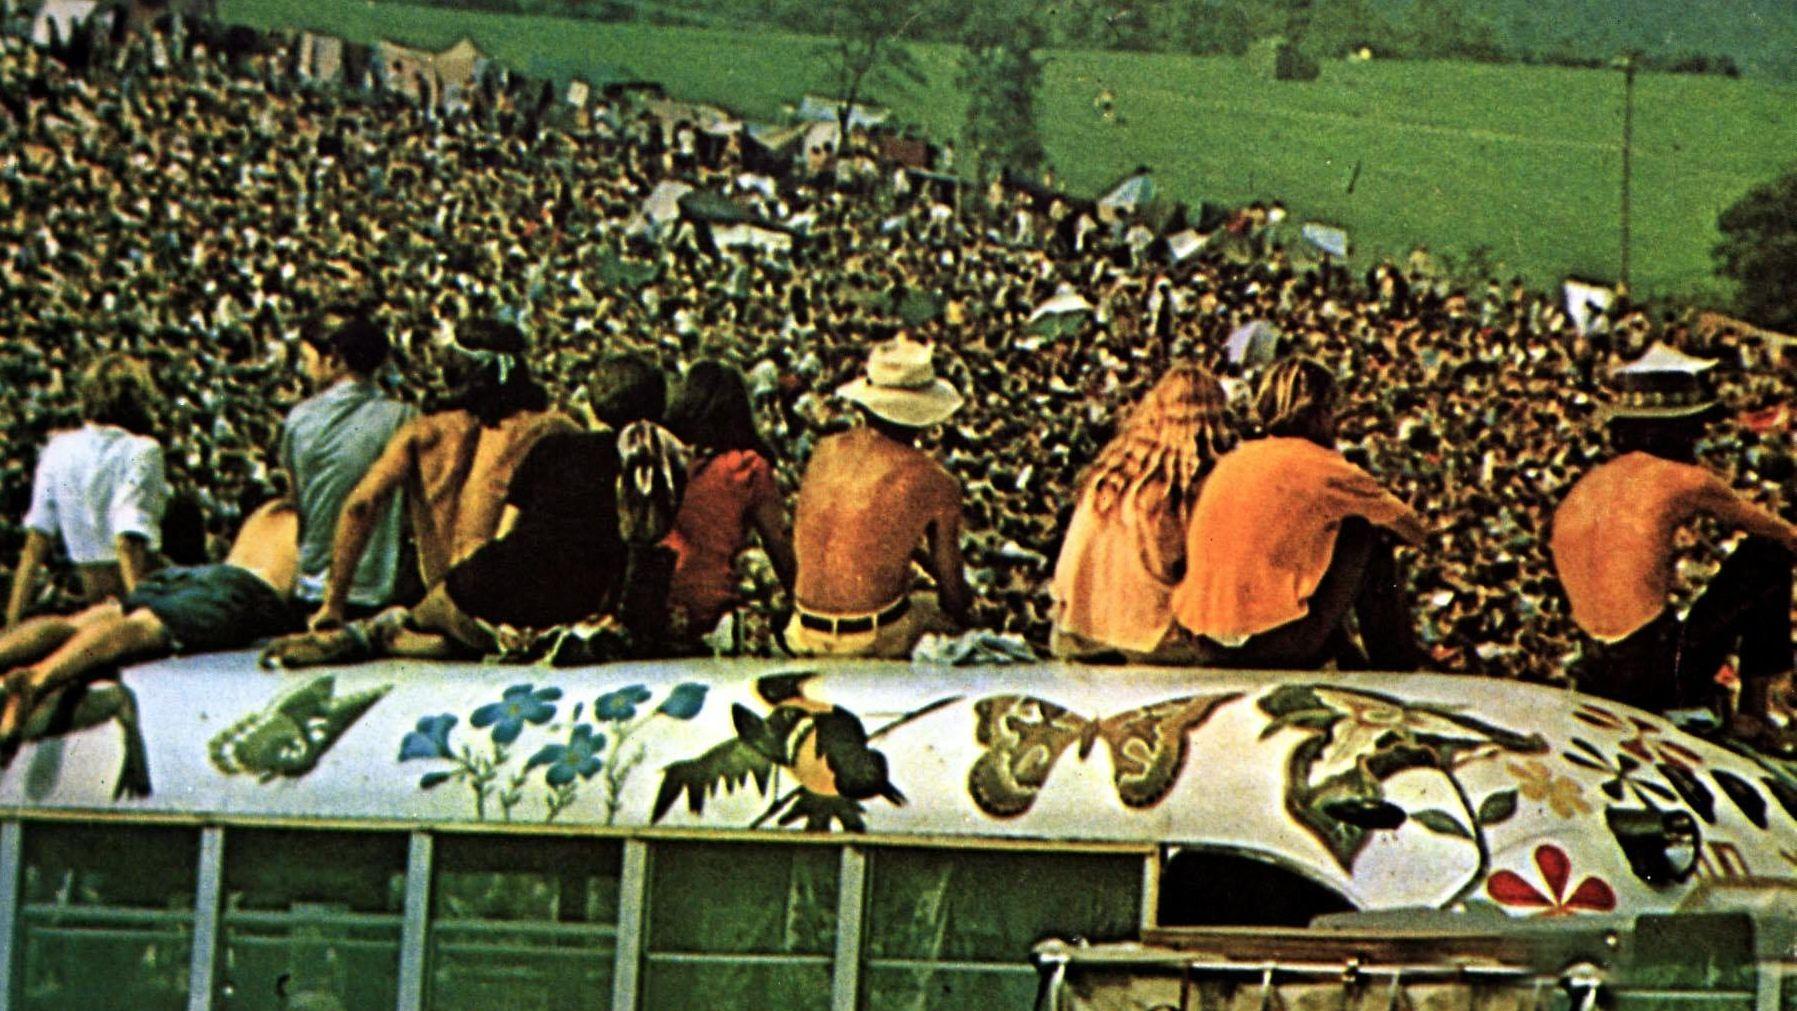 Woodstock: Festivalbesucher sitzen auf dem bemalten Dach eines Busses